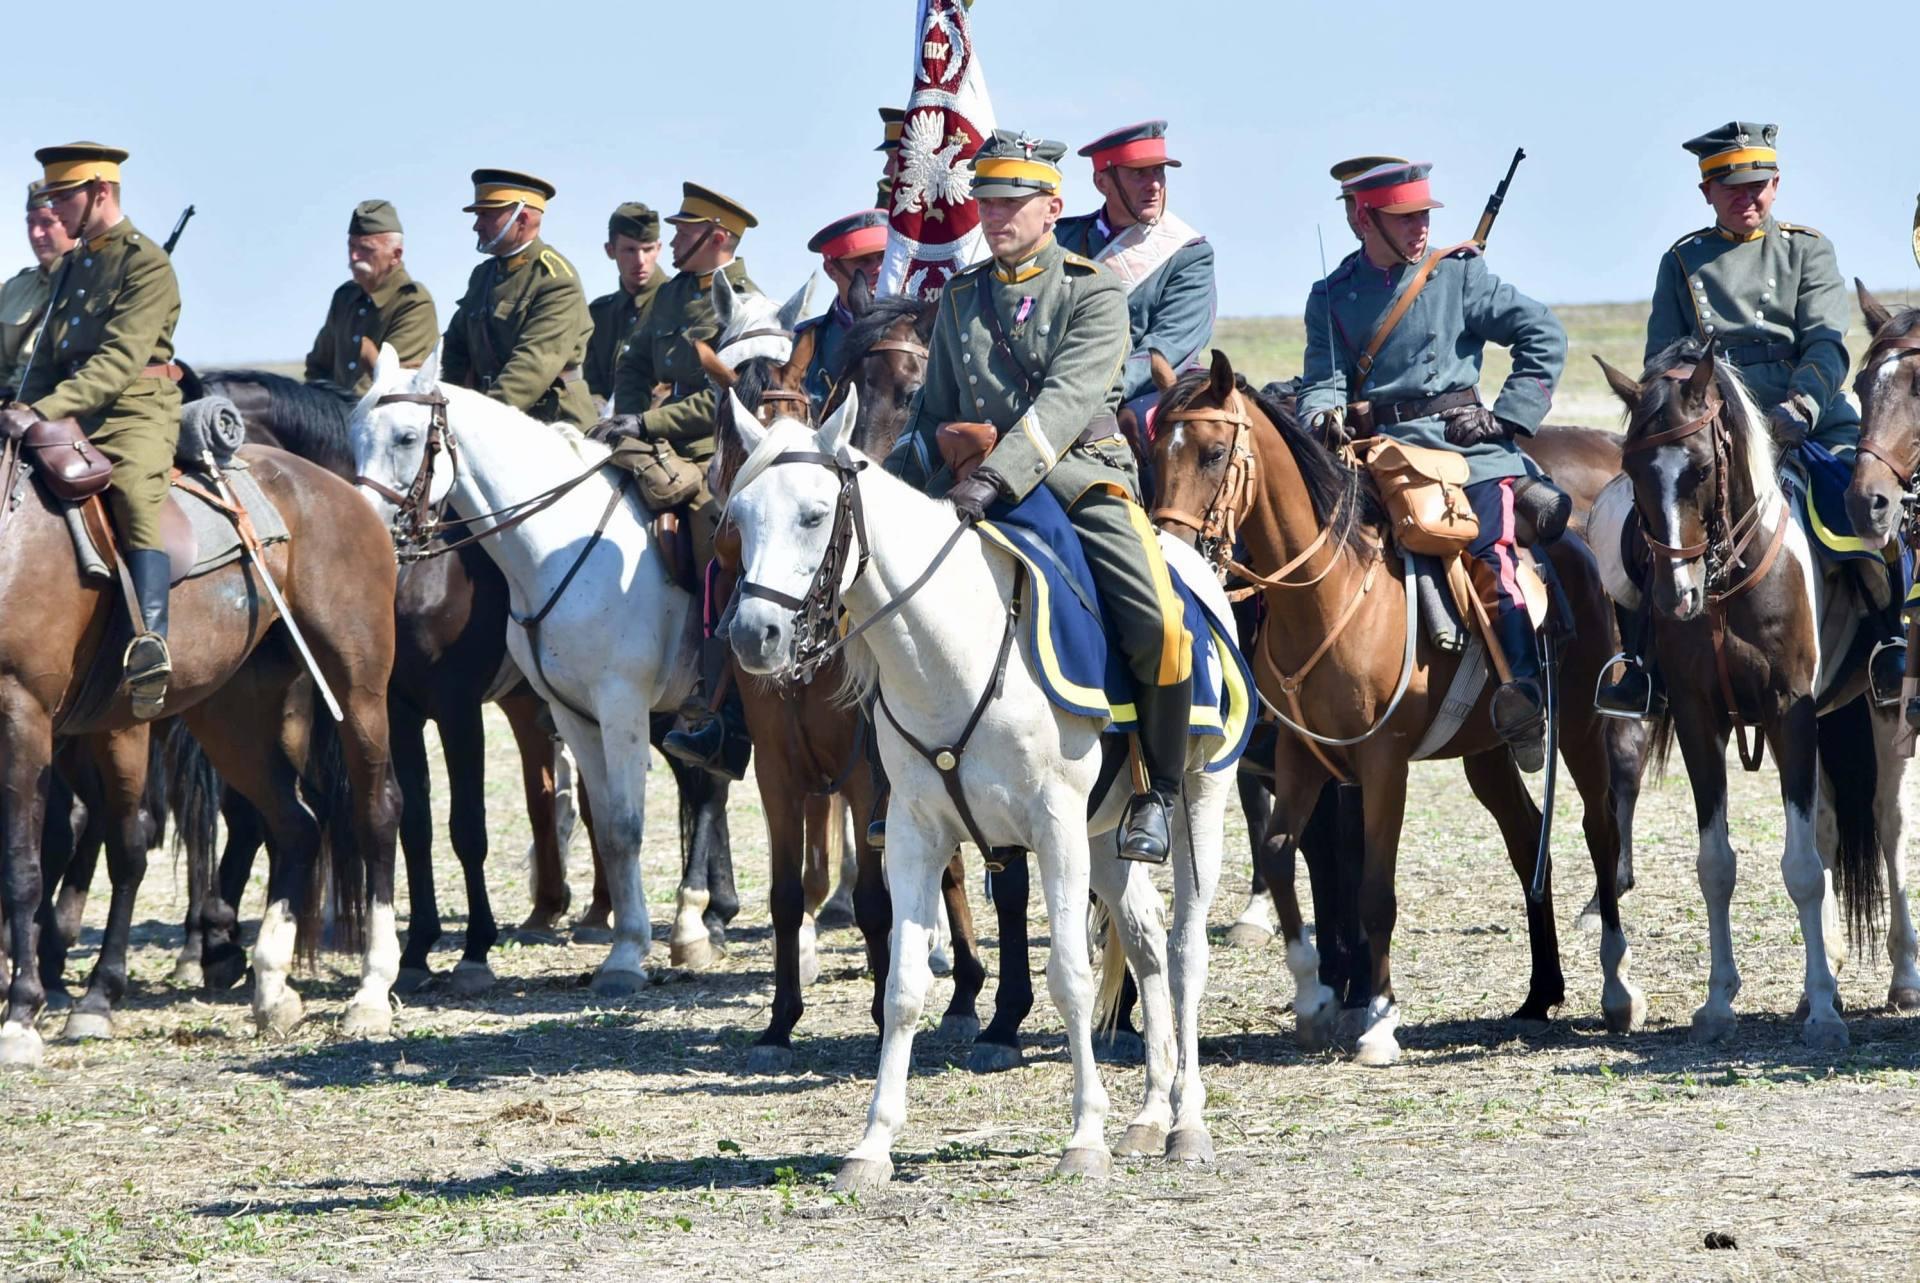 dsc 0487 Czas szabli - 100 rocznica bitwy pod Komarowem(zdjęcia)